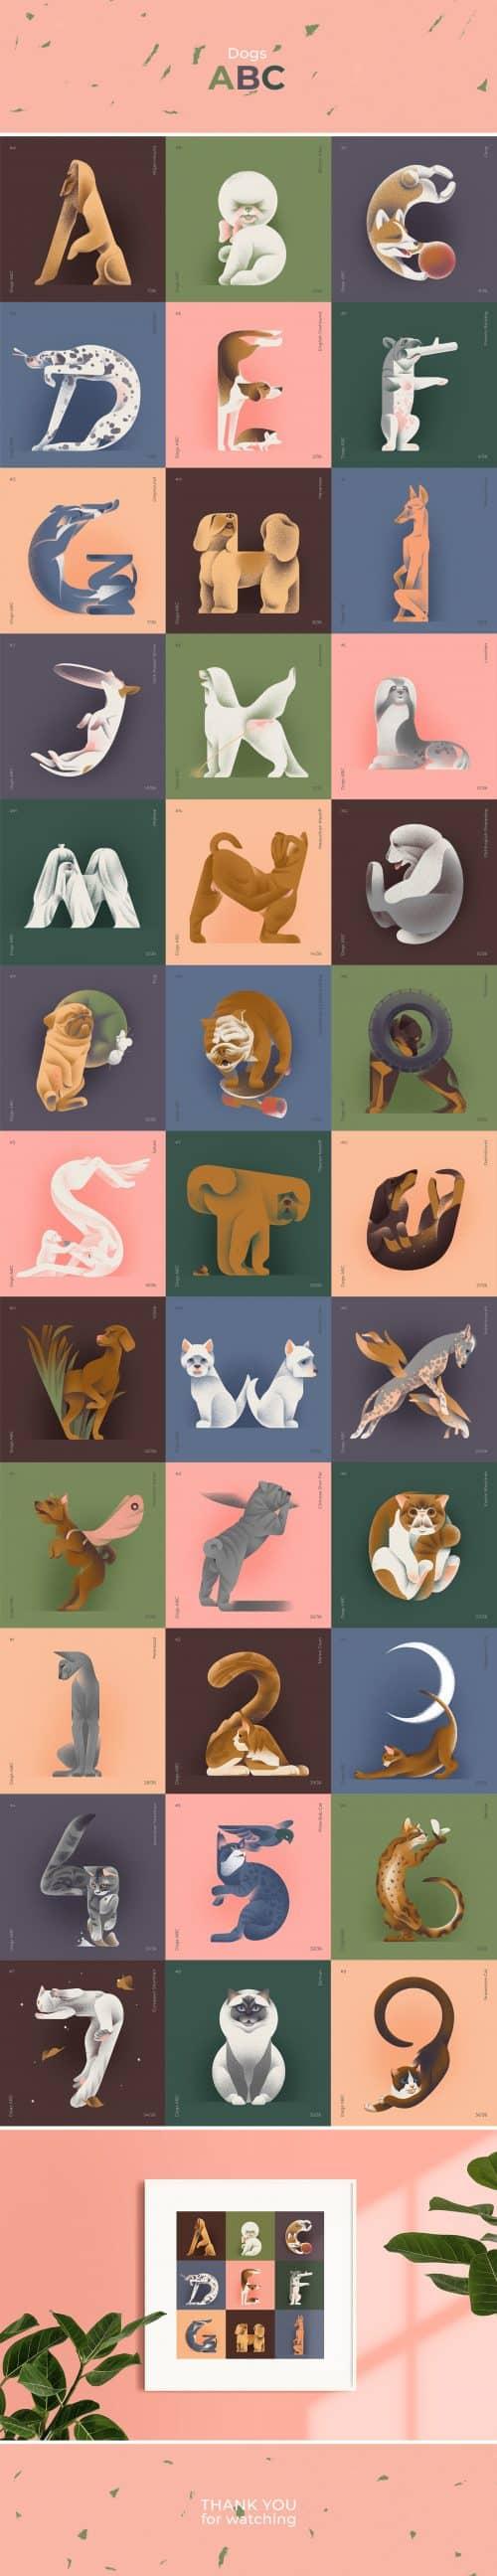 Dogs ABC by Jekaterina Budryte | Illustrative Type